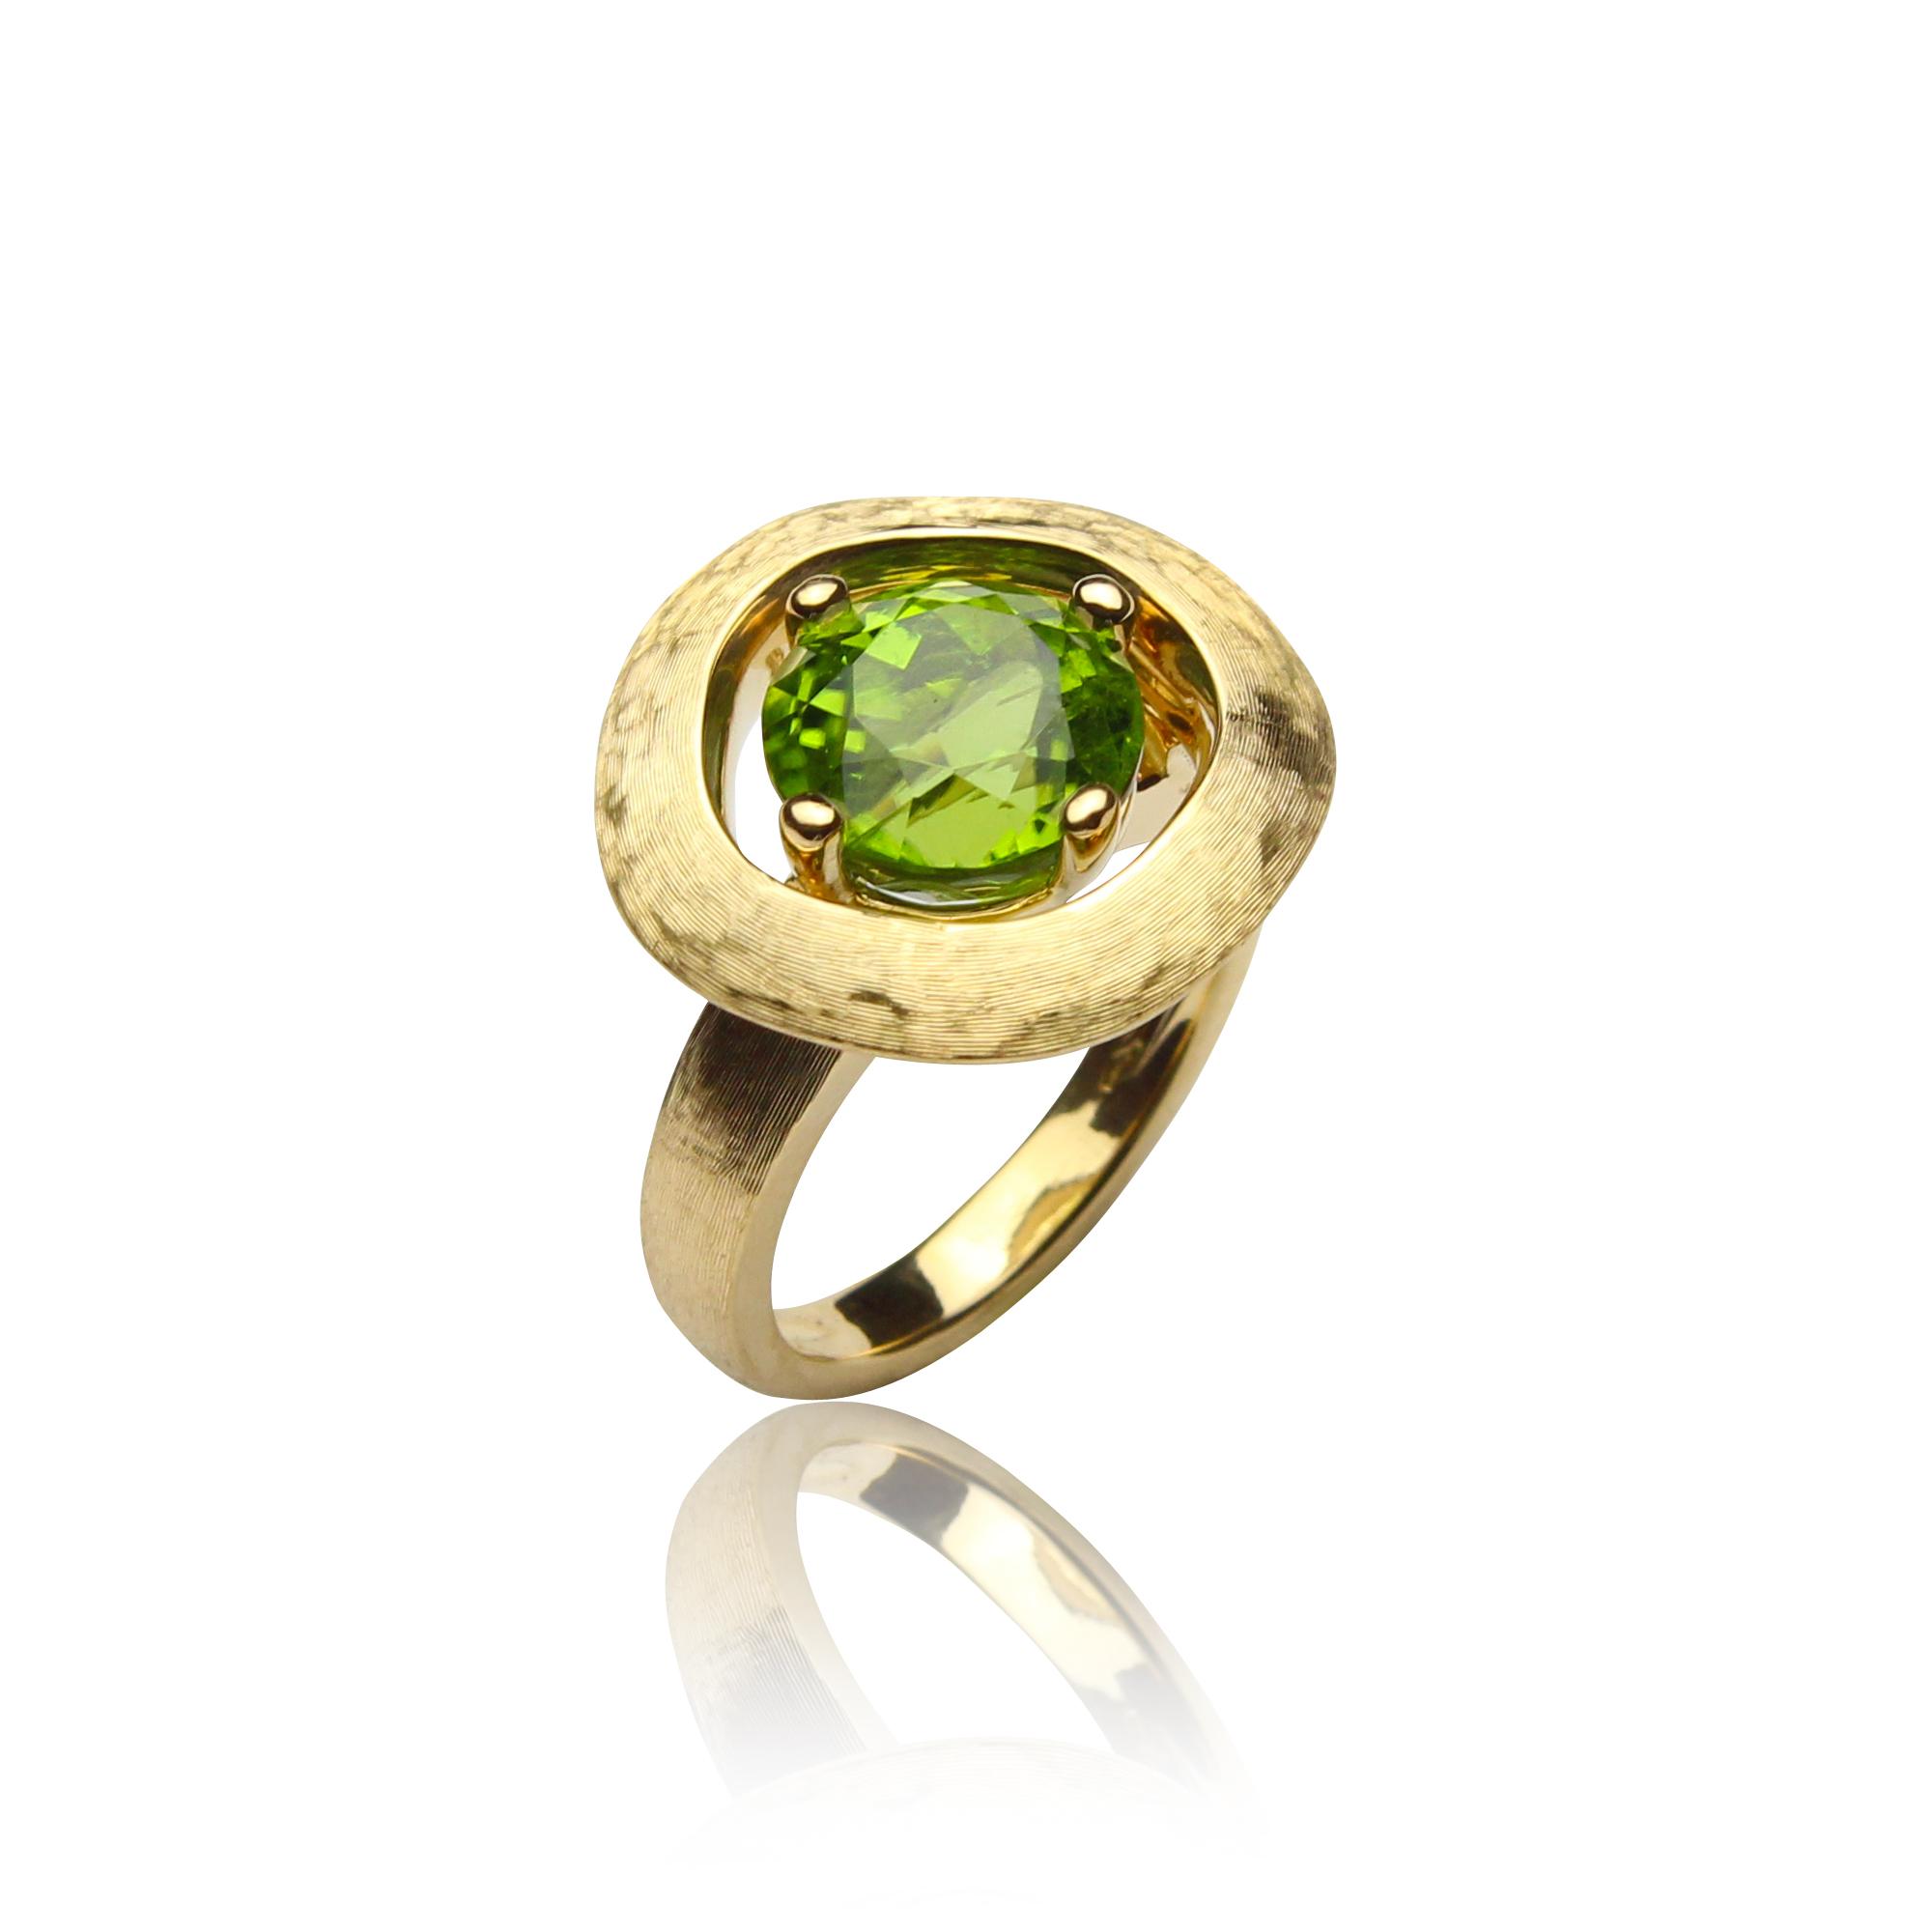 pierścionek paradiso 1198 perydot z żółtego złota 18 karatowego z perydotem